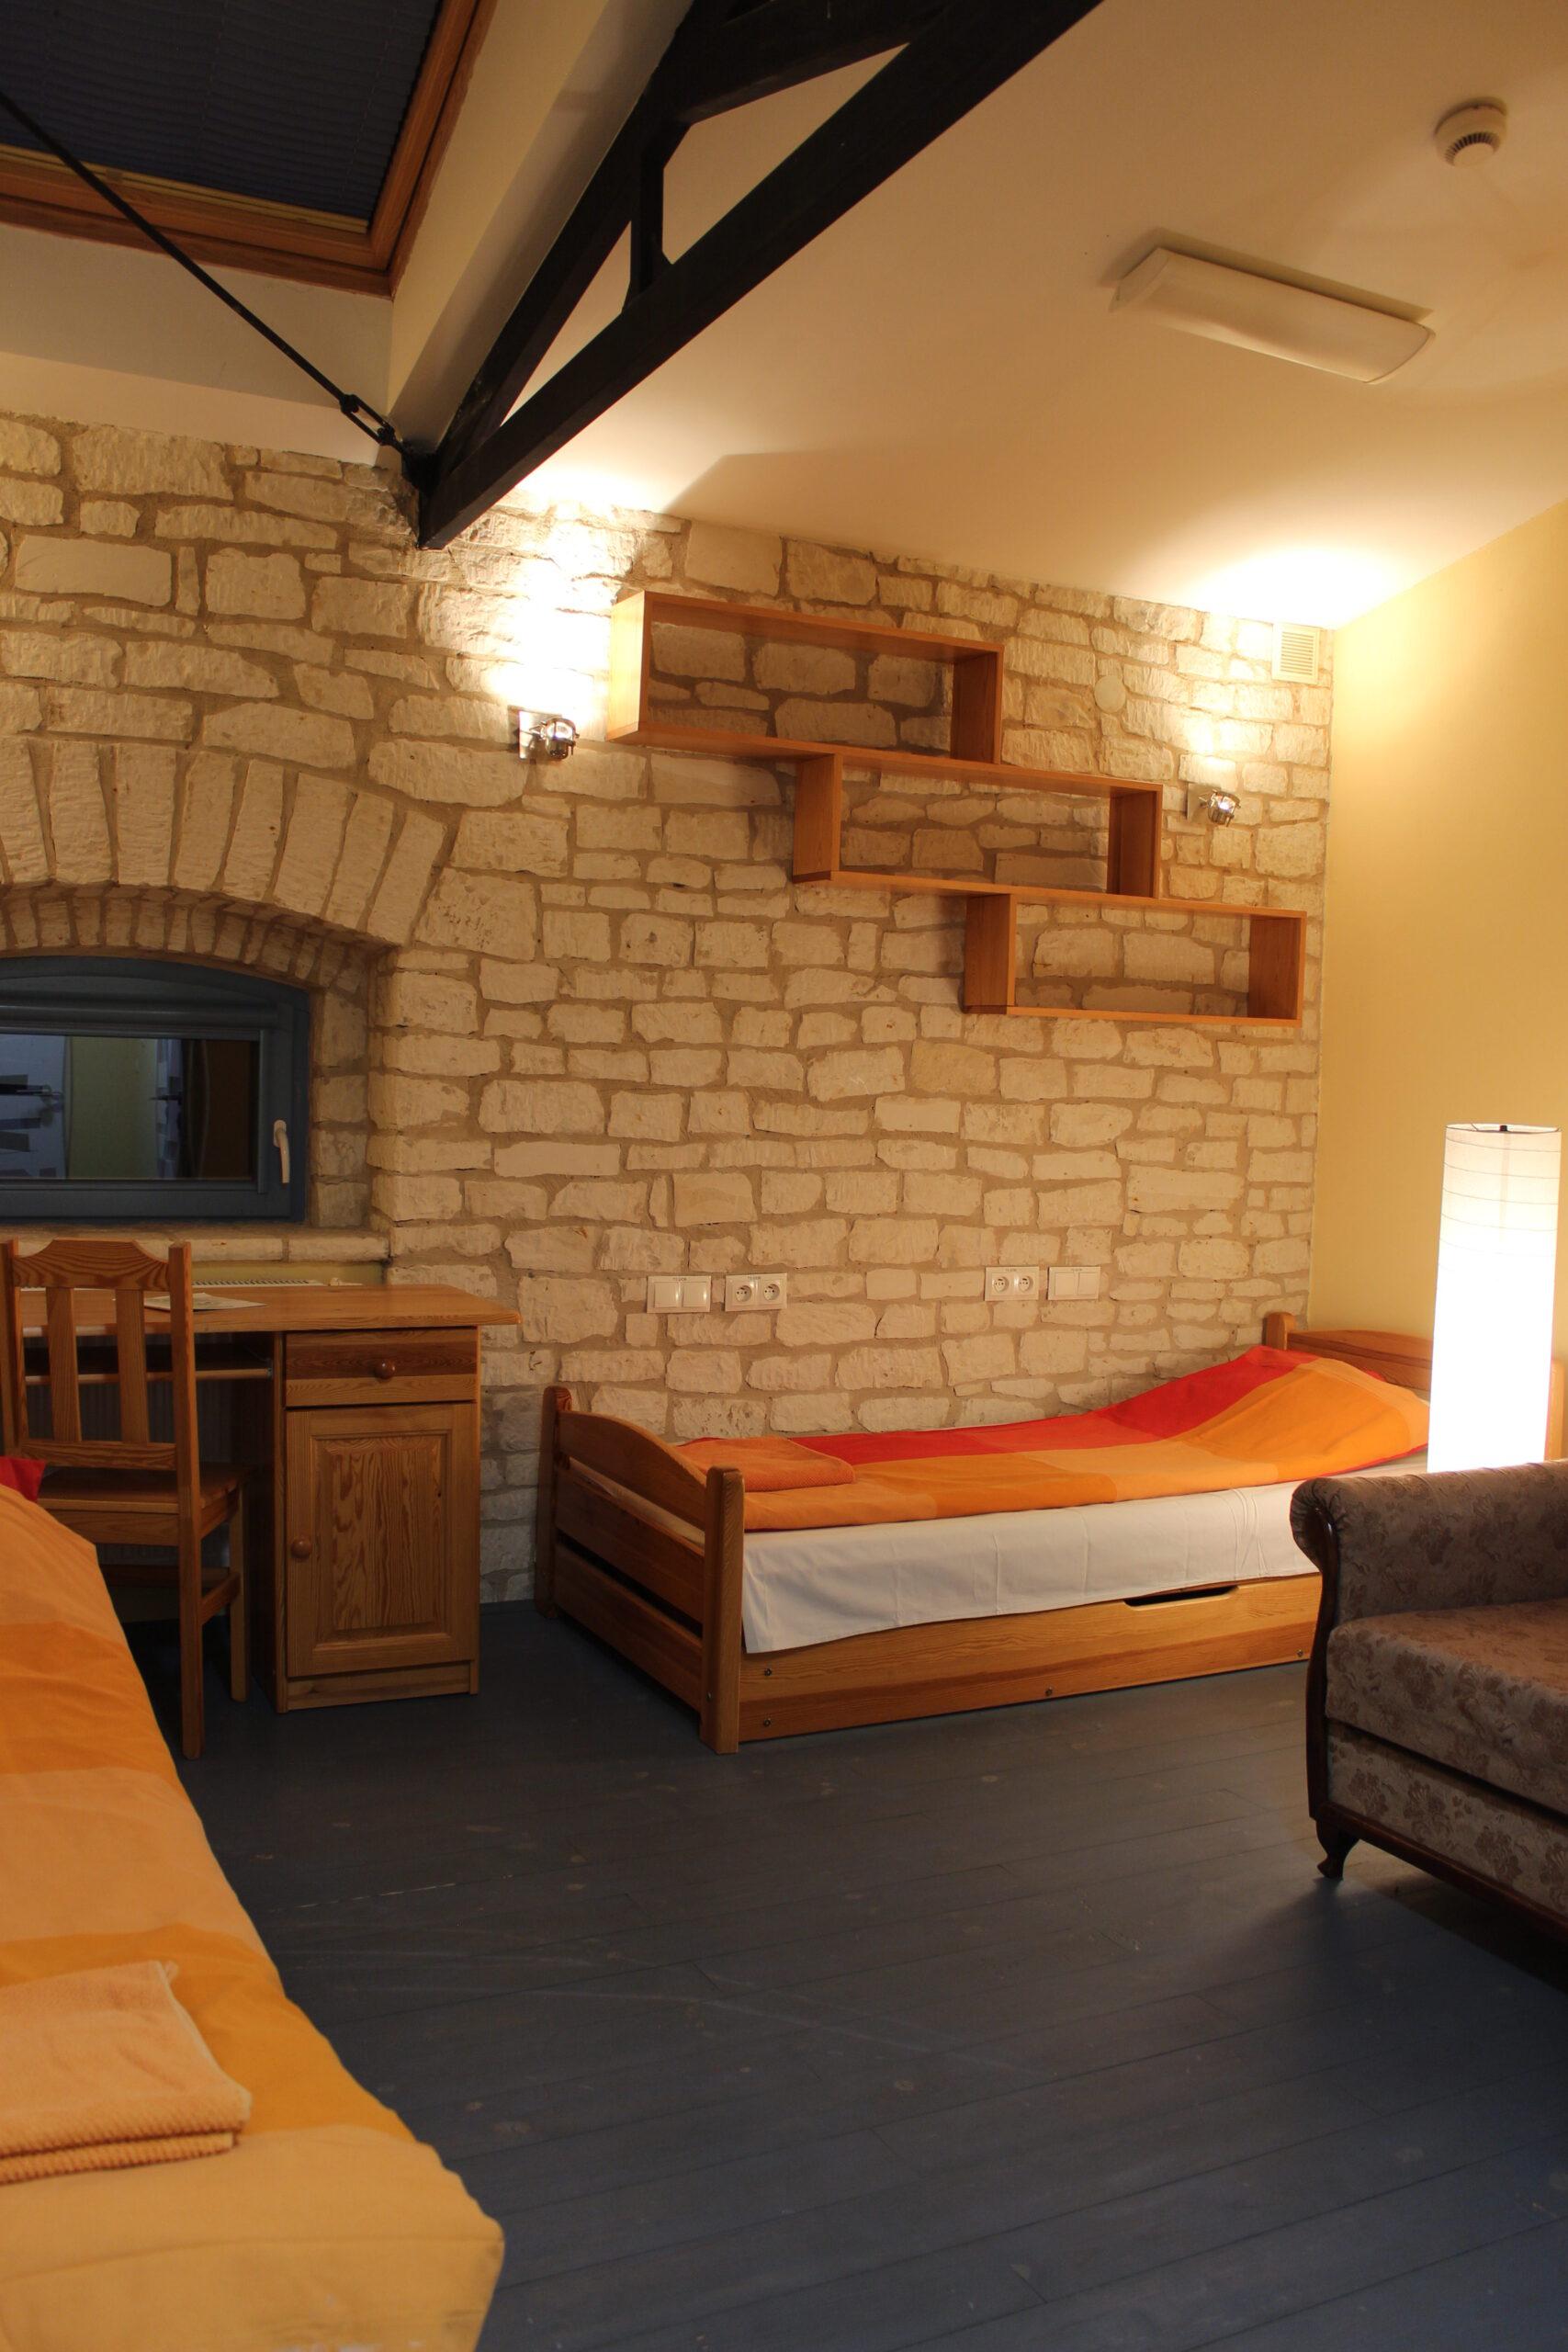 Zdjęcie pokoju, ściana z kamienia, łóżk, soda, biurko drewniane, drewniana półka zawieszona na ścianie z kamienia